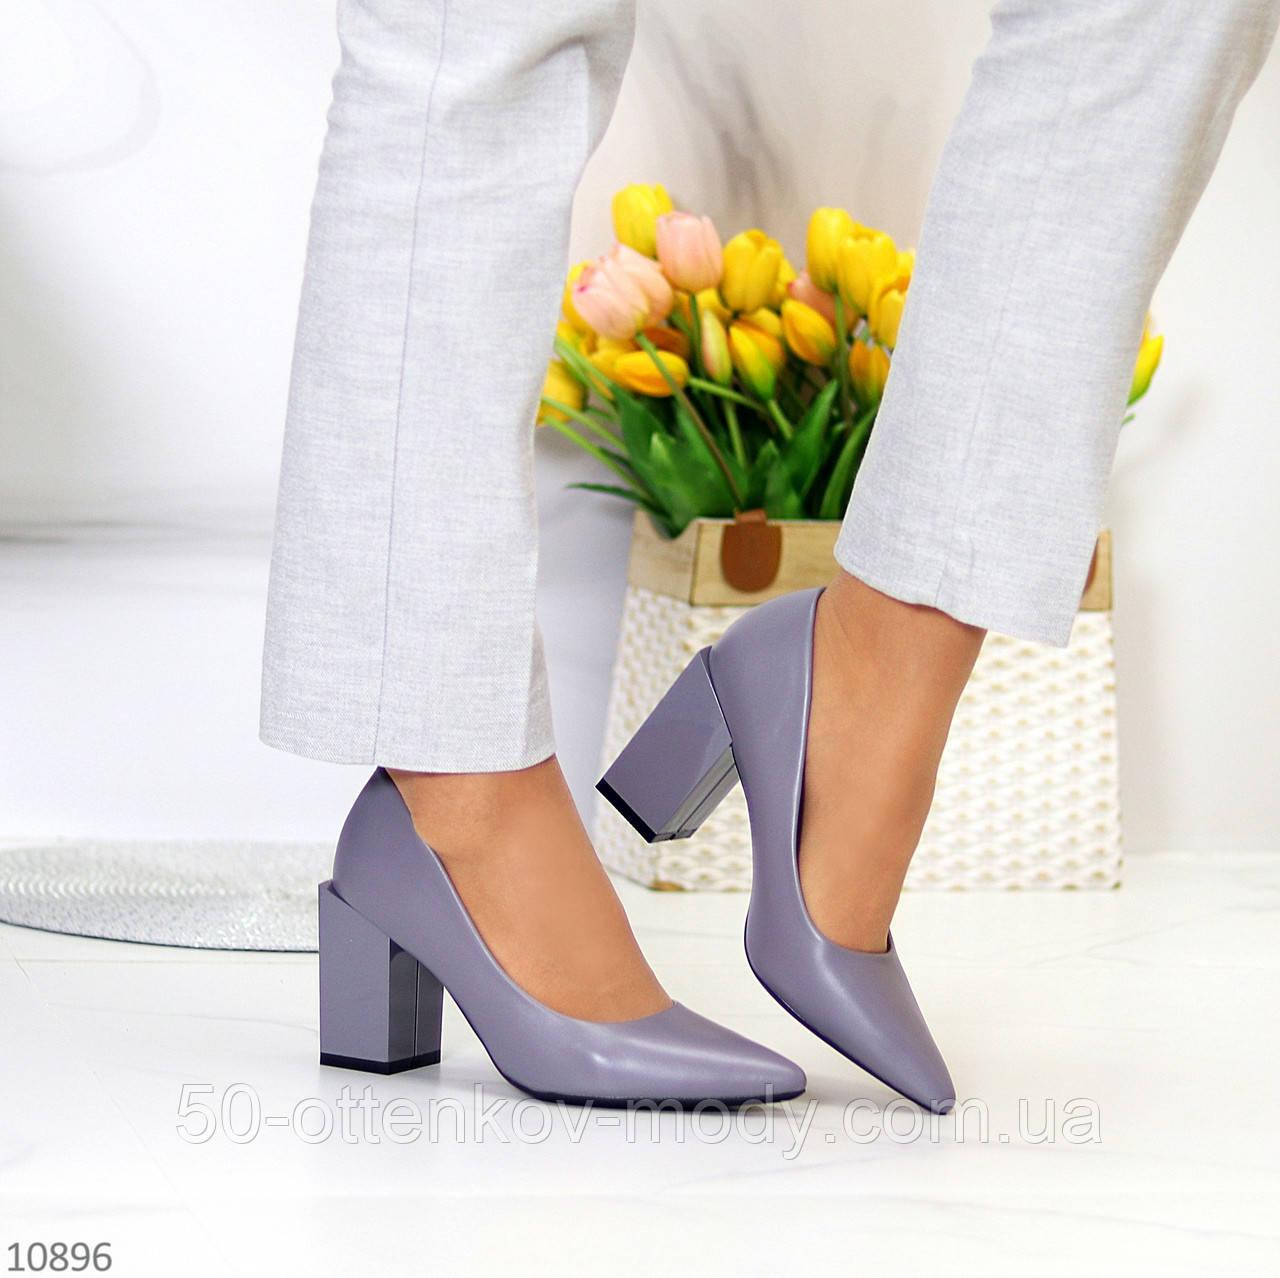 Женские туфли на широком квадратном каблуке серые бежевые черные